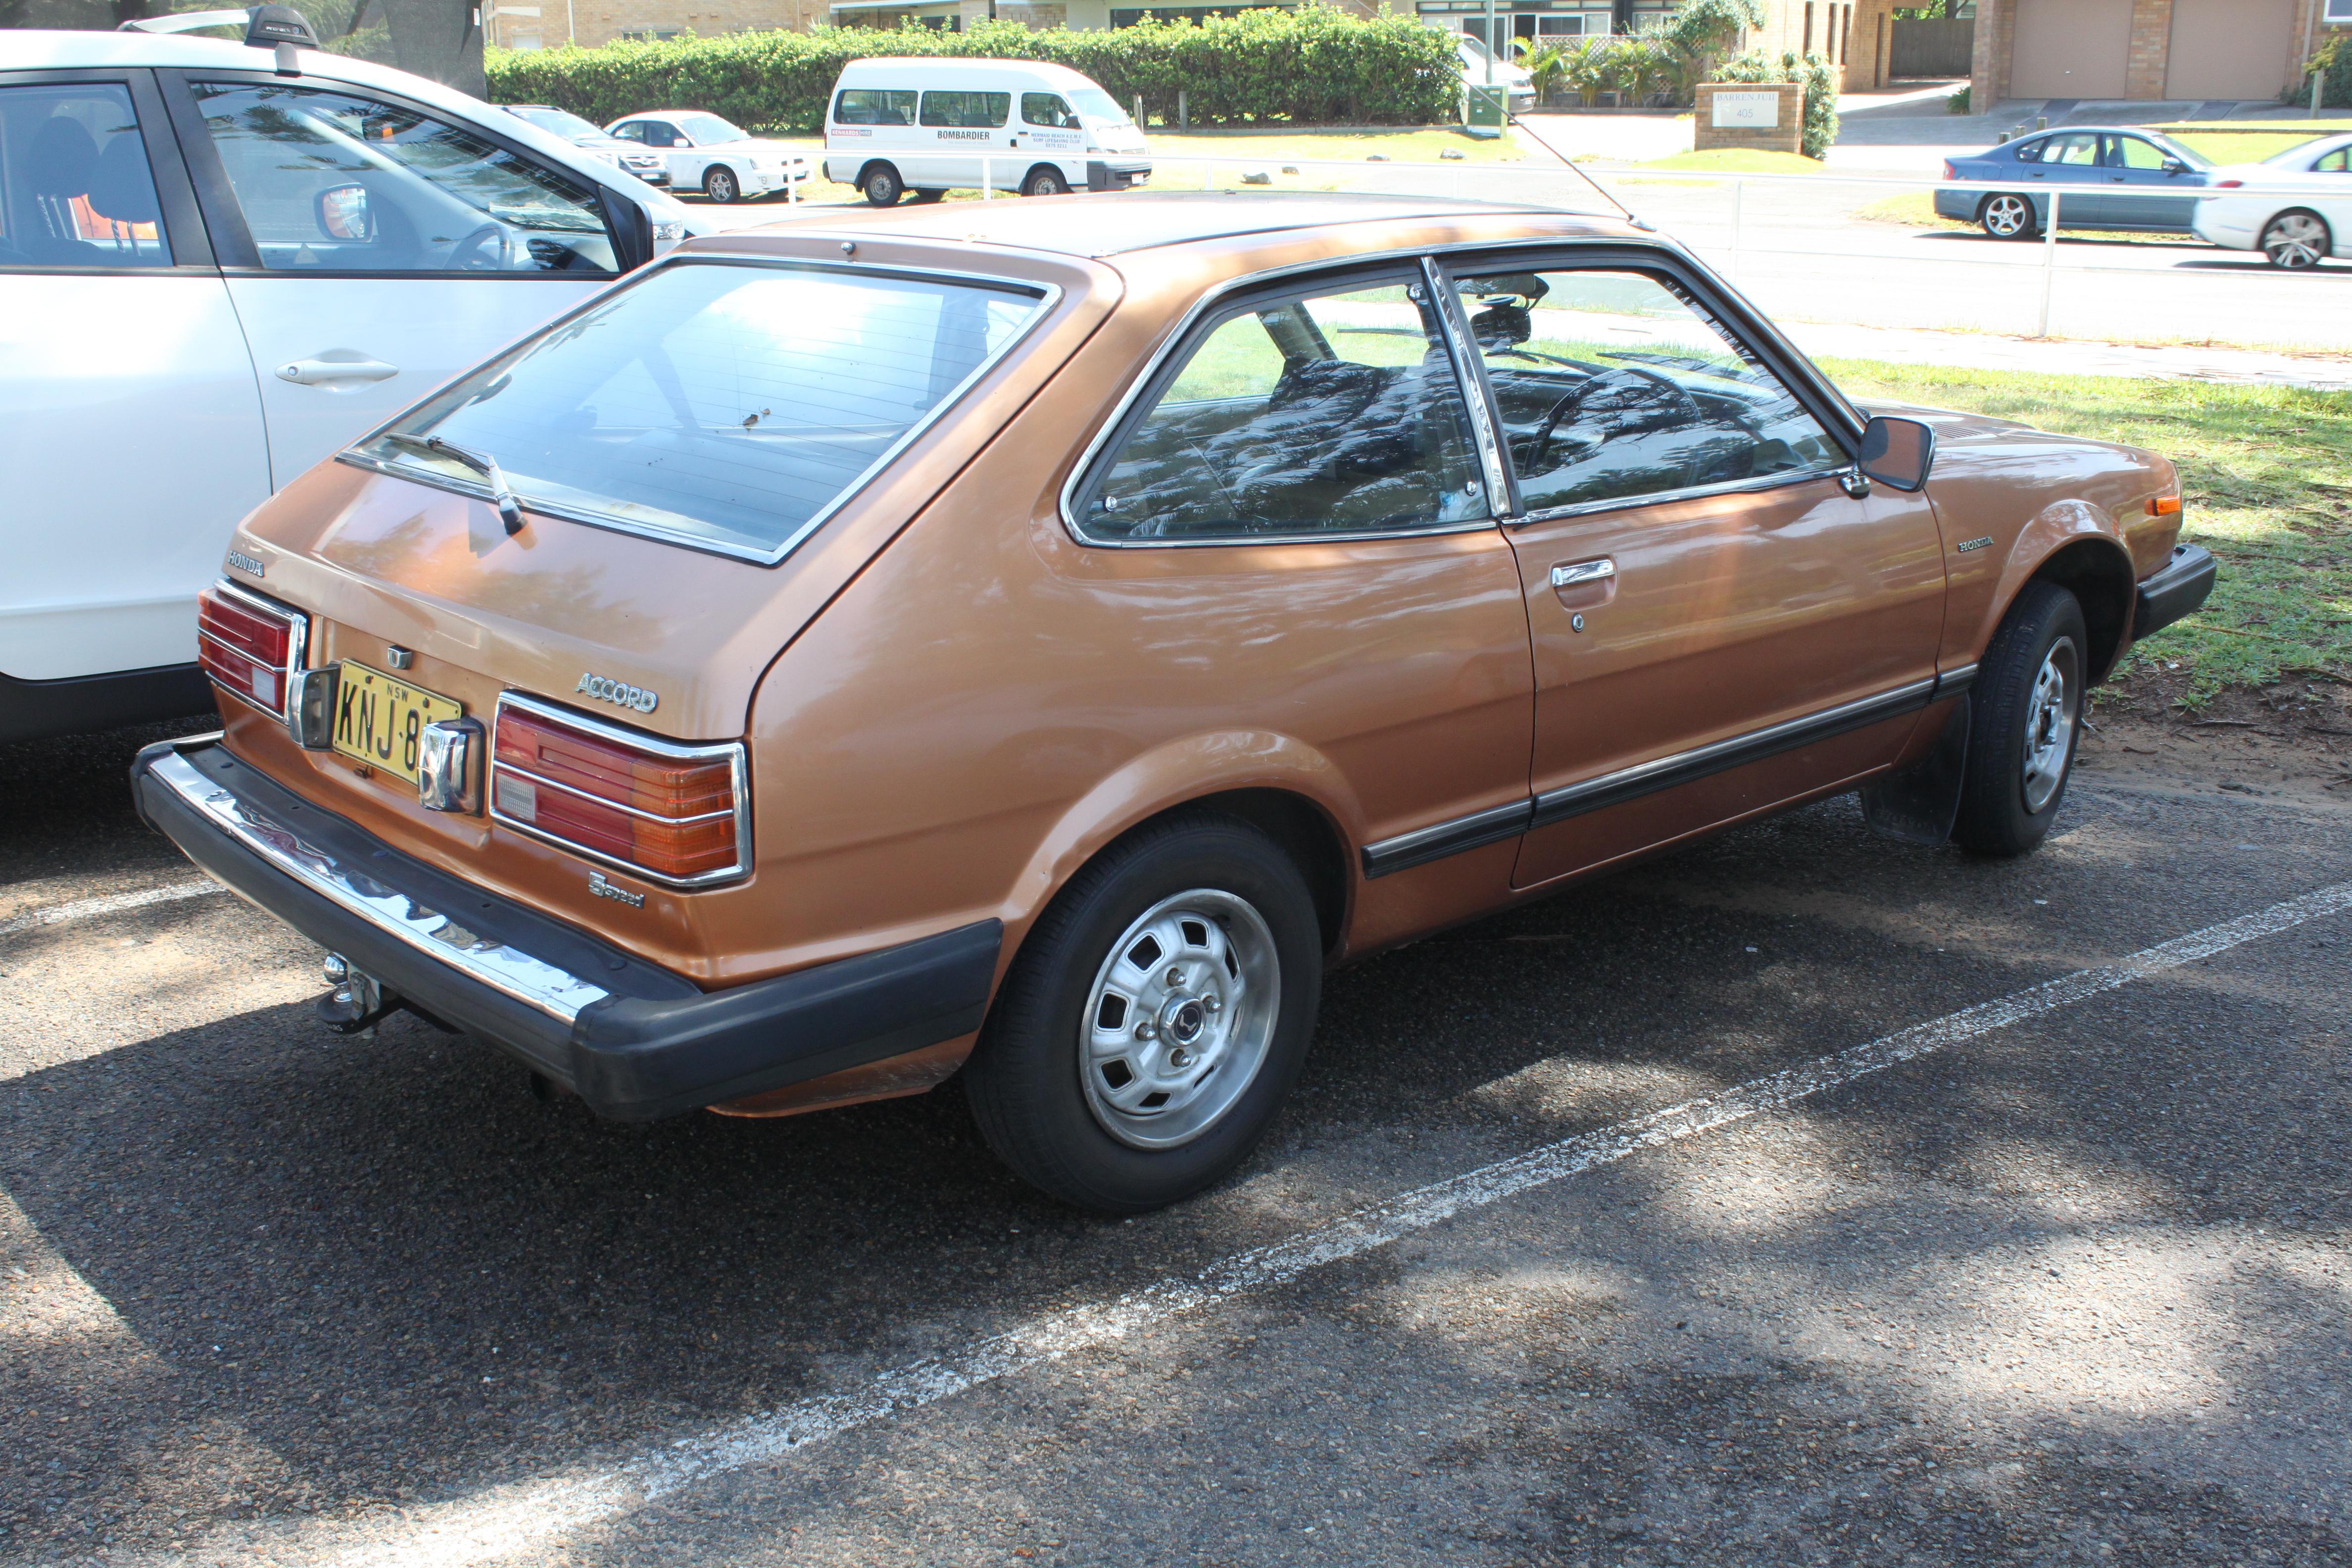 file 1980 honda accord hatchback  25684277691  jpg 1980 honda accord hatchback green 1980 honda accord hatchback for sale